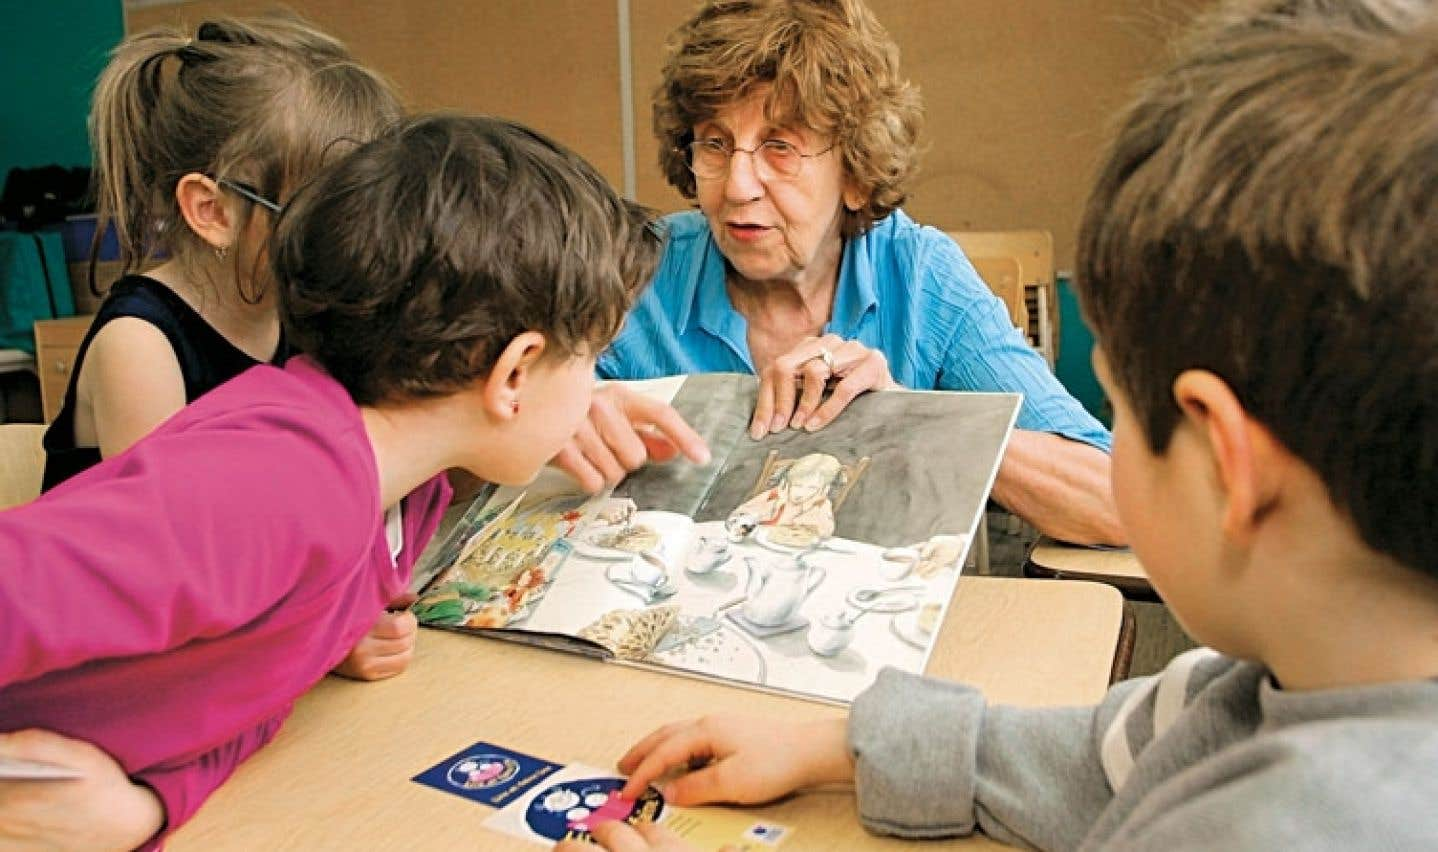 La maternelle à 4 ans permettrait aux enfants issus d'un milieu défavorisé d'avoir plus d'occasions de socialiser et de développer leurs habiletés langagières.